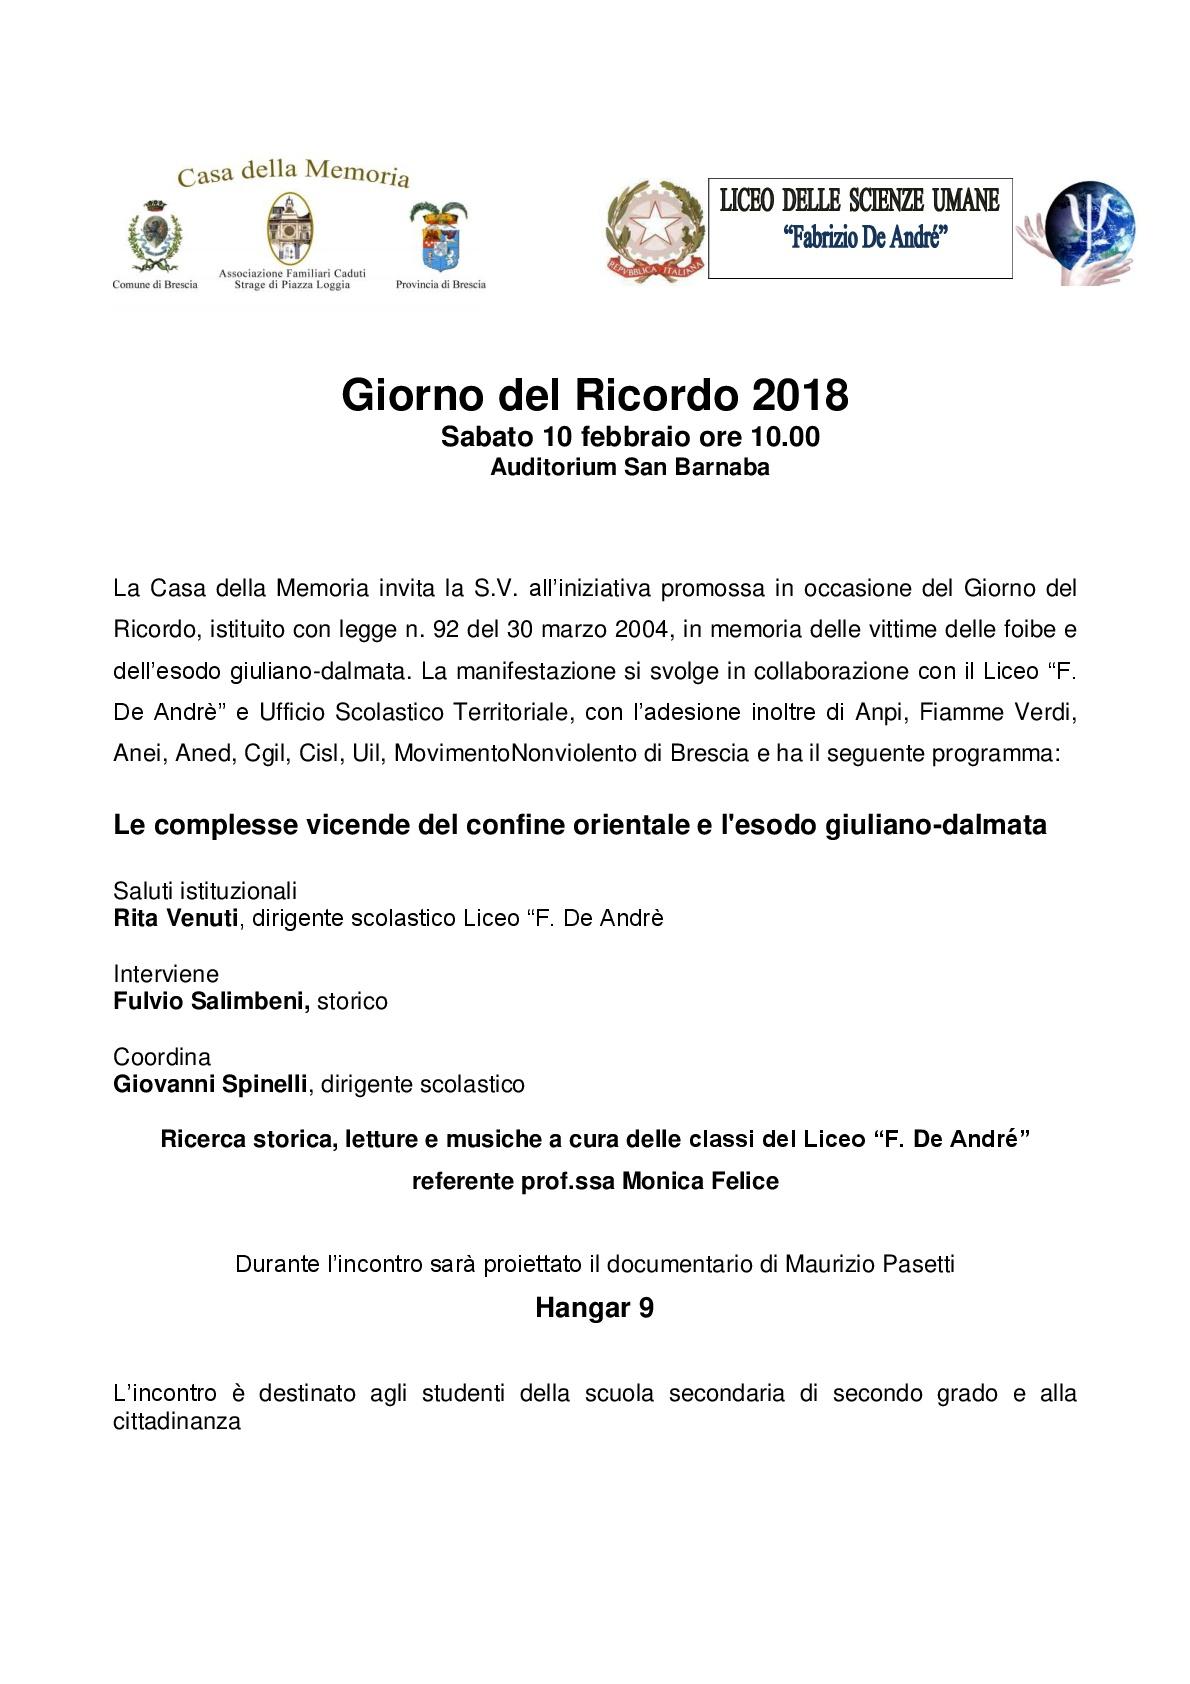 Invito Giorno Ricordo 2018-001